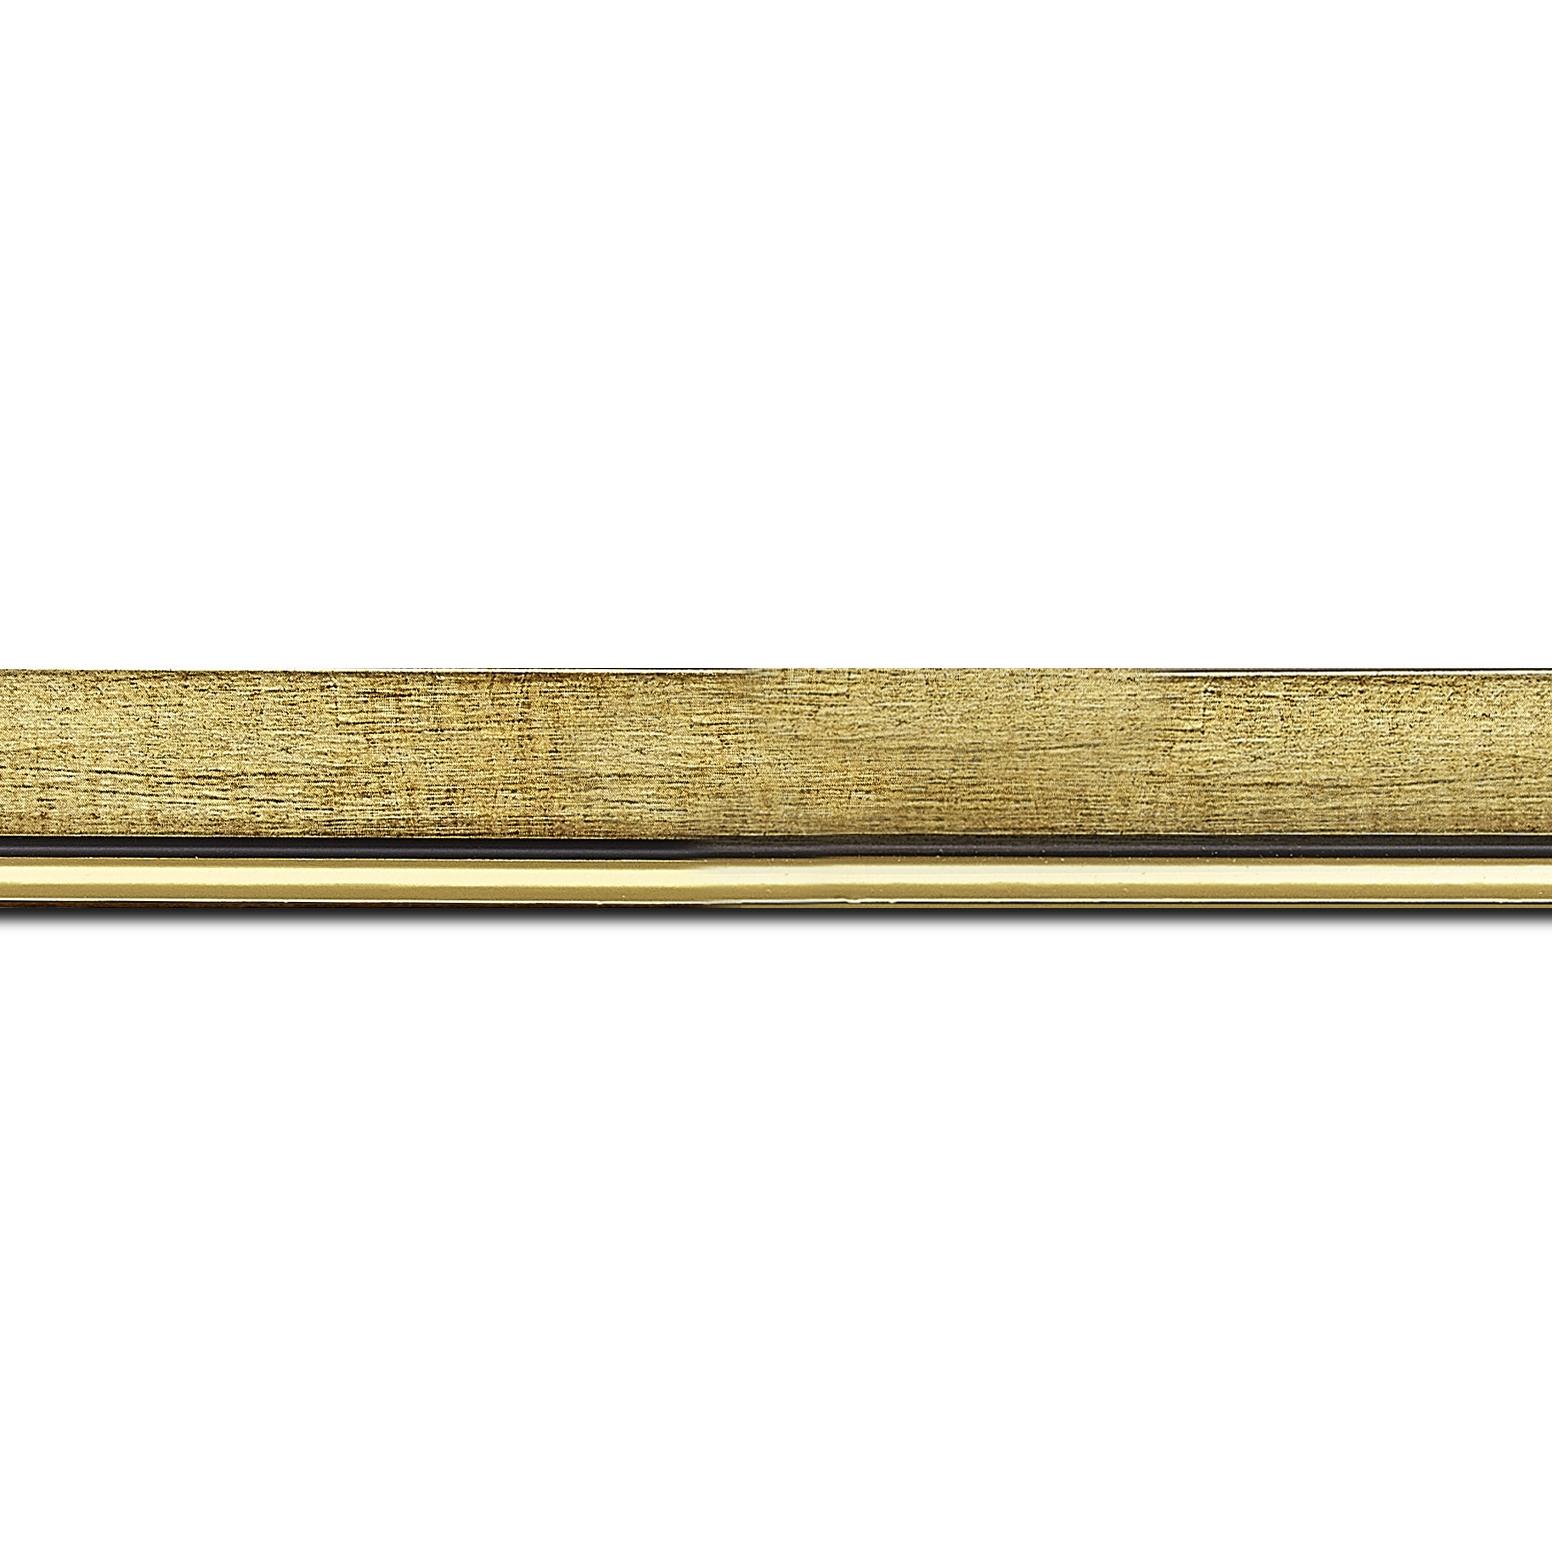 Baguette longueur 1.40m bois profil plat largeur 2.5cm couleur or filet or surligné noir